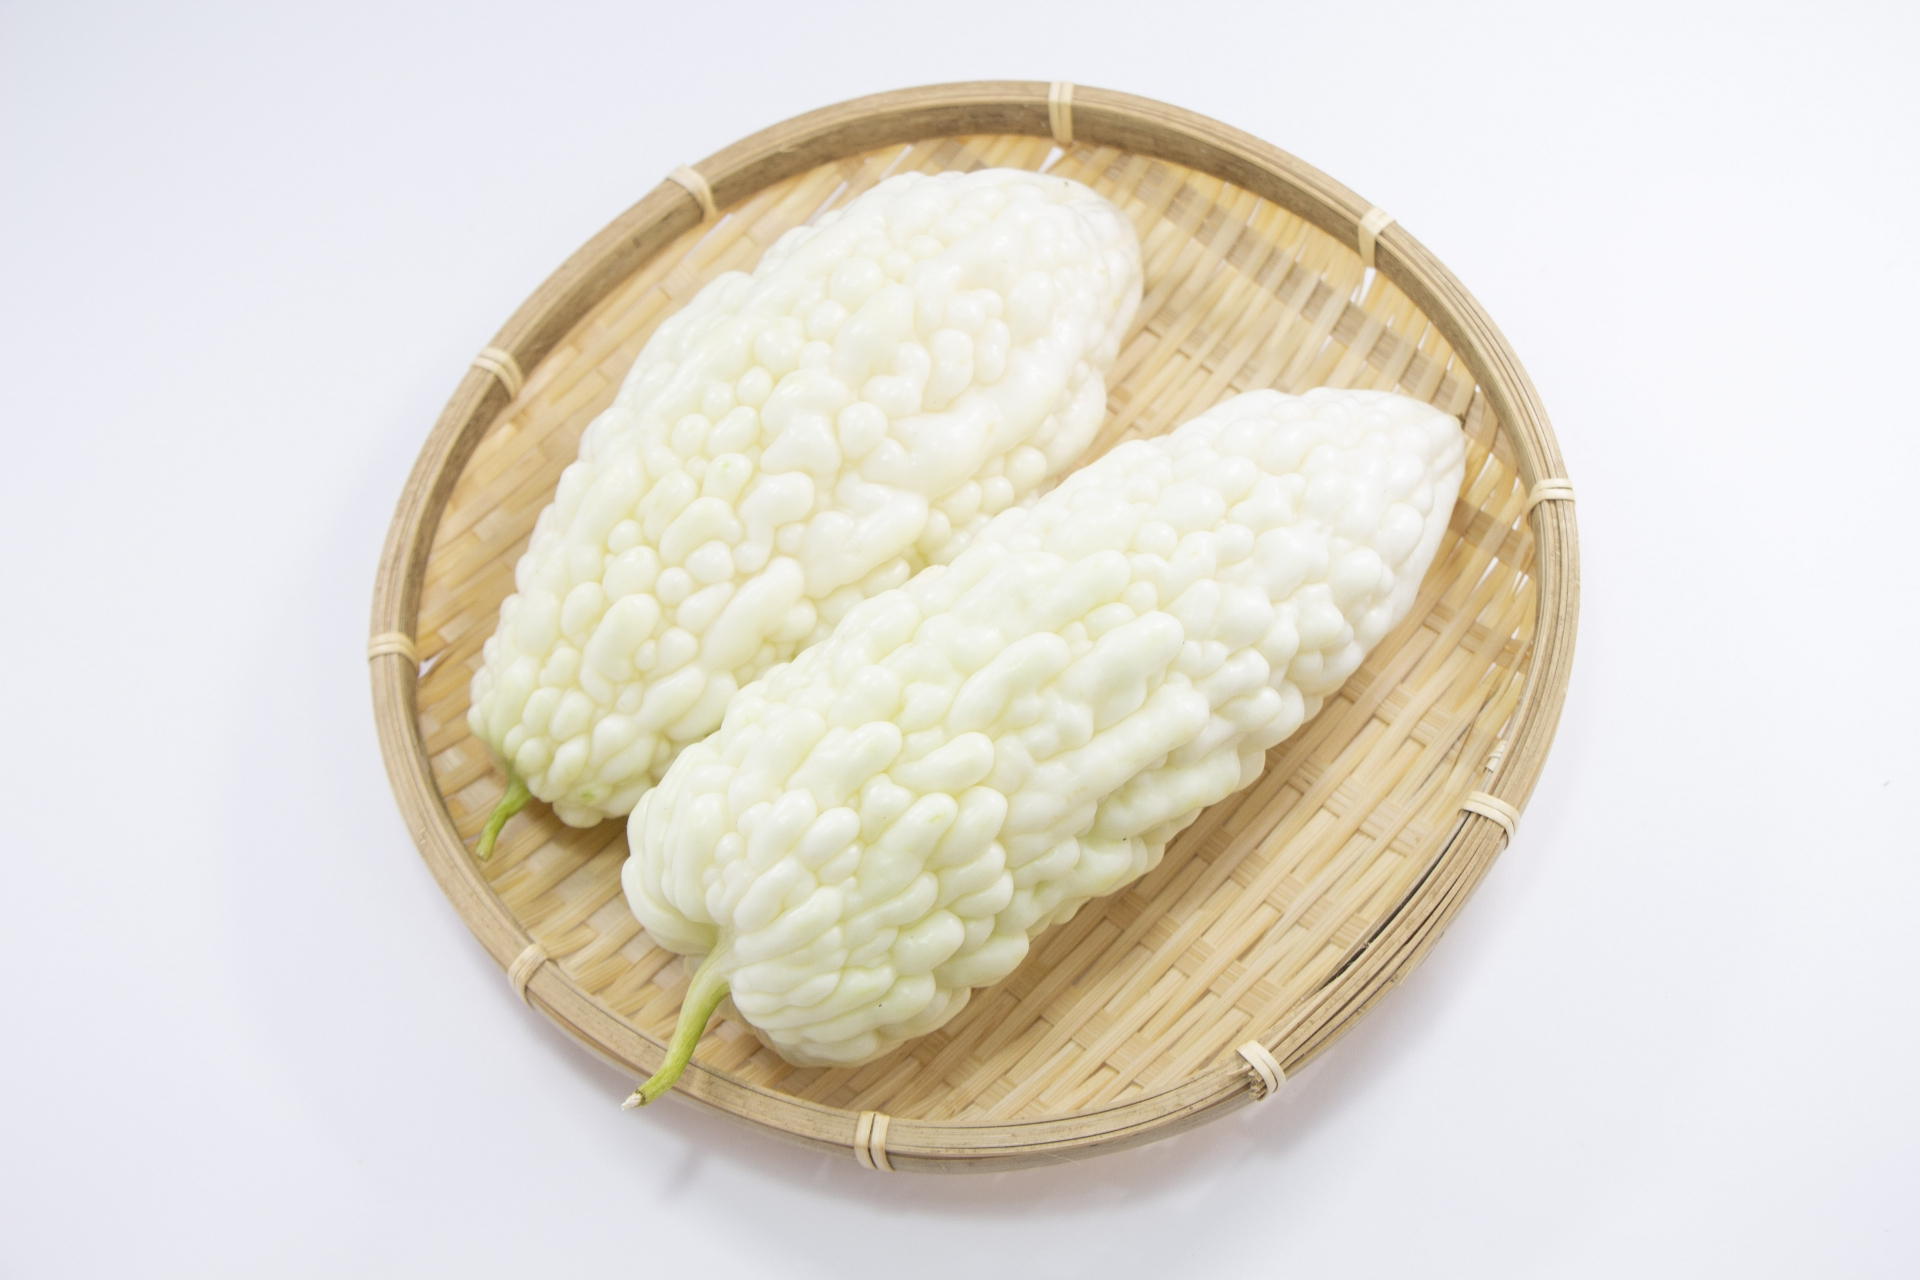 白いゴーヤって知ってる?普通のゴーヤとの違いやおすすめレシピを紹介!